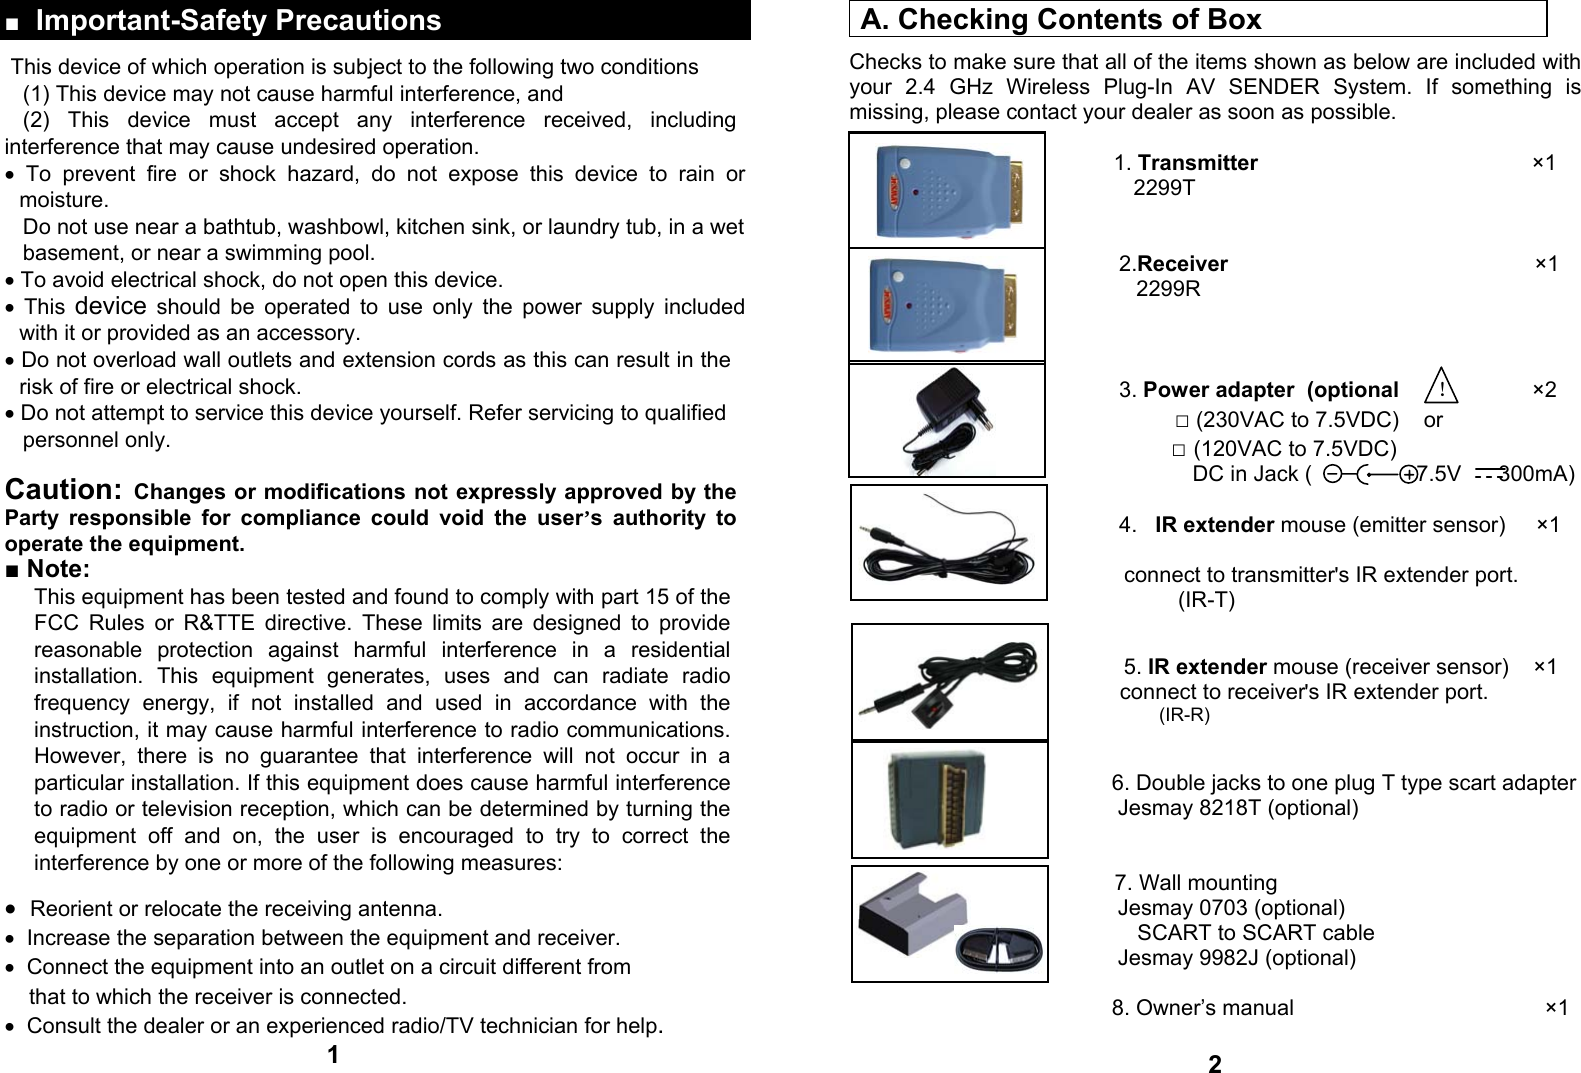 cocoon av sender instructions